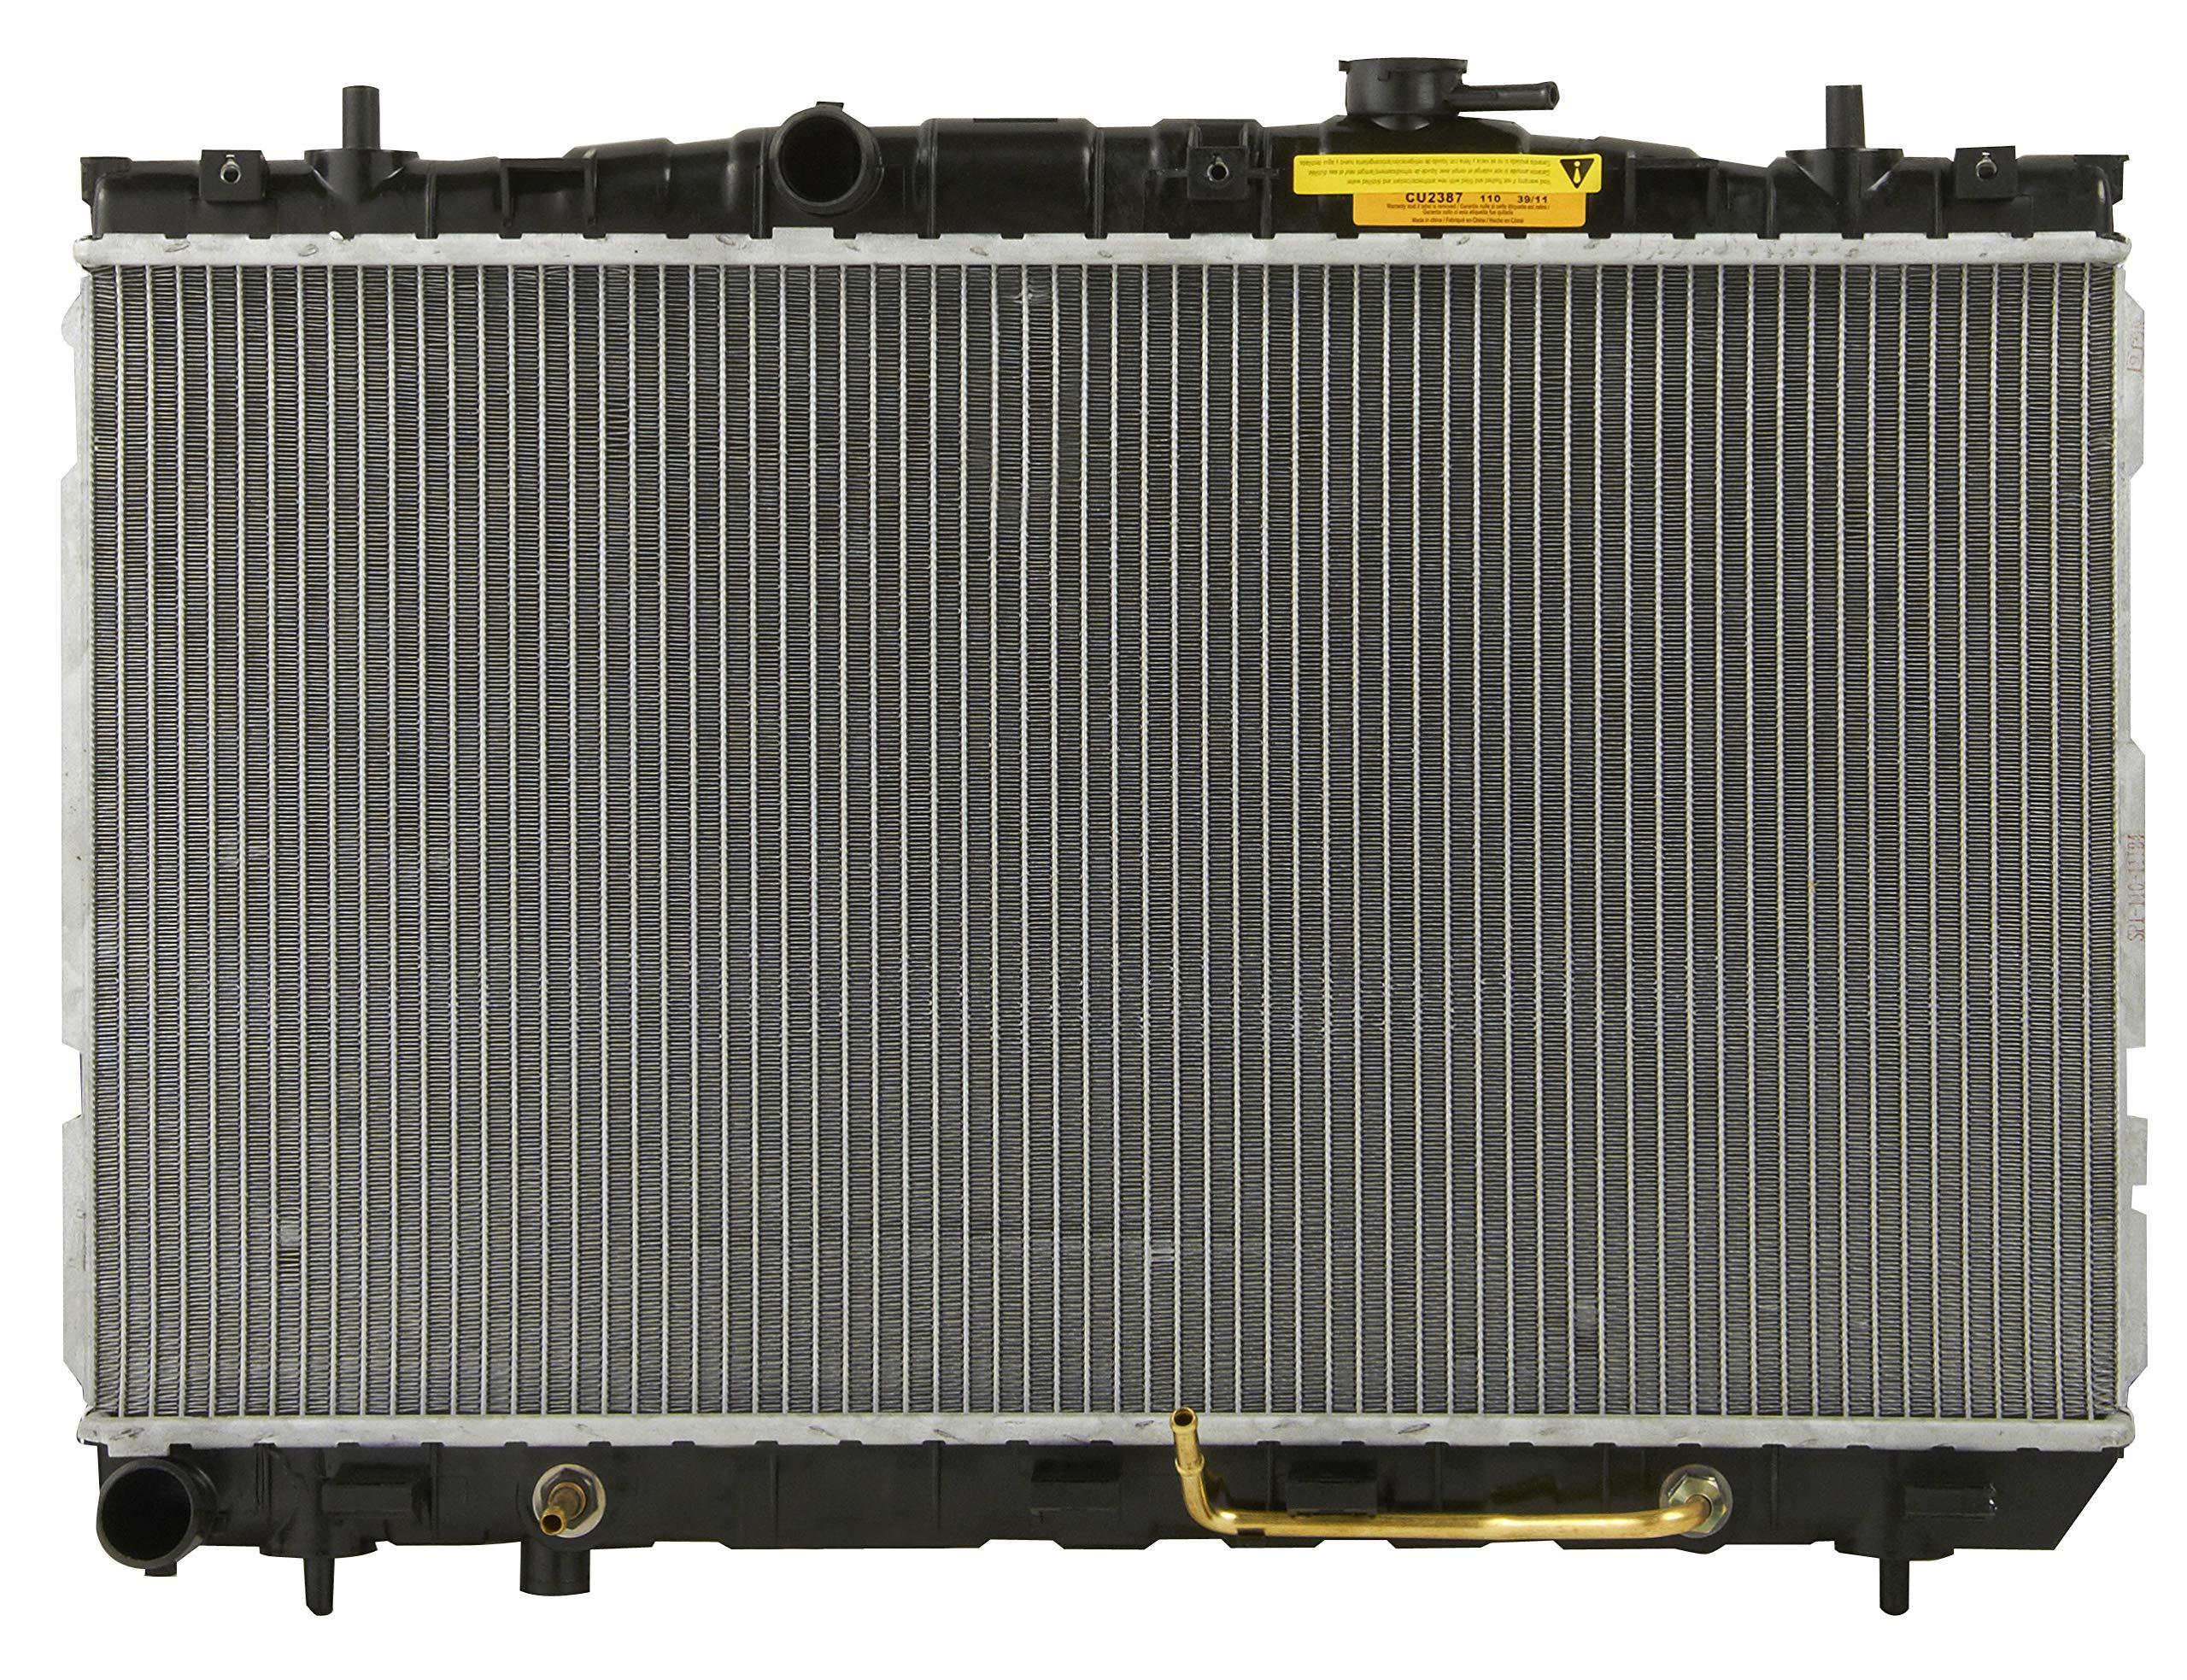 Spectra Premium CU2387 Complete Radiator by Spectra Premium